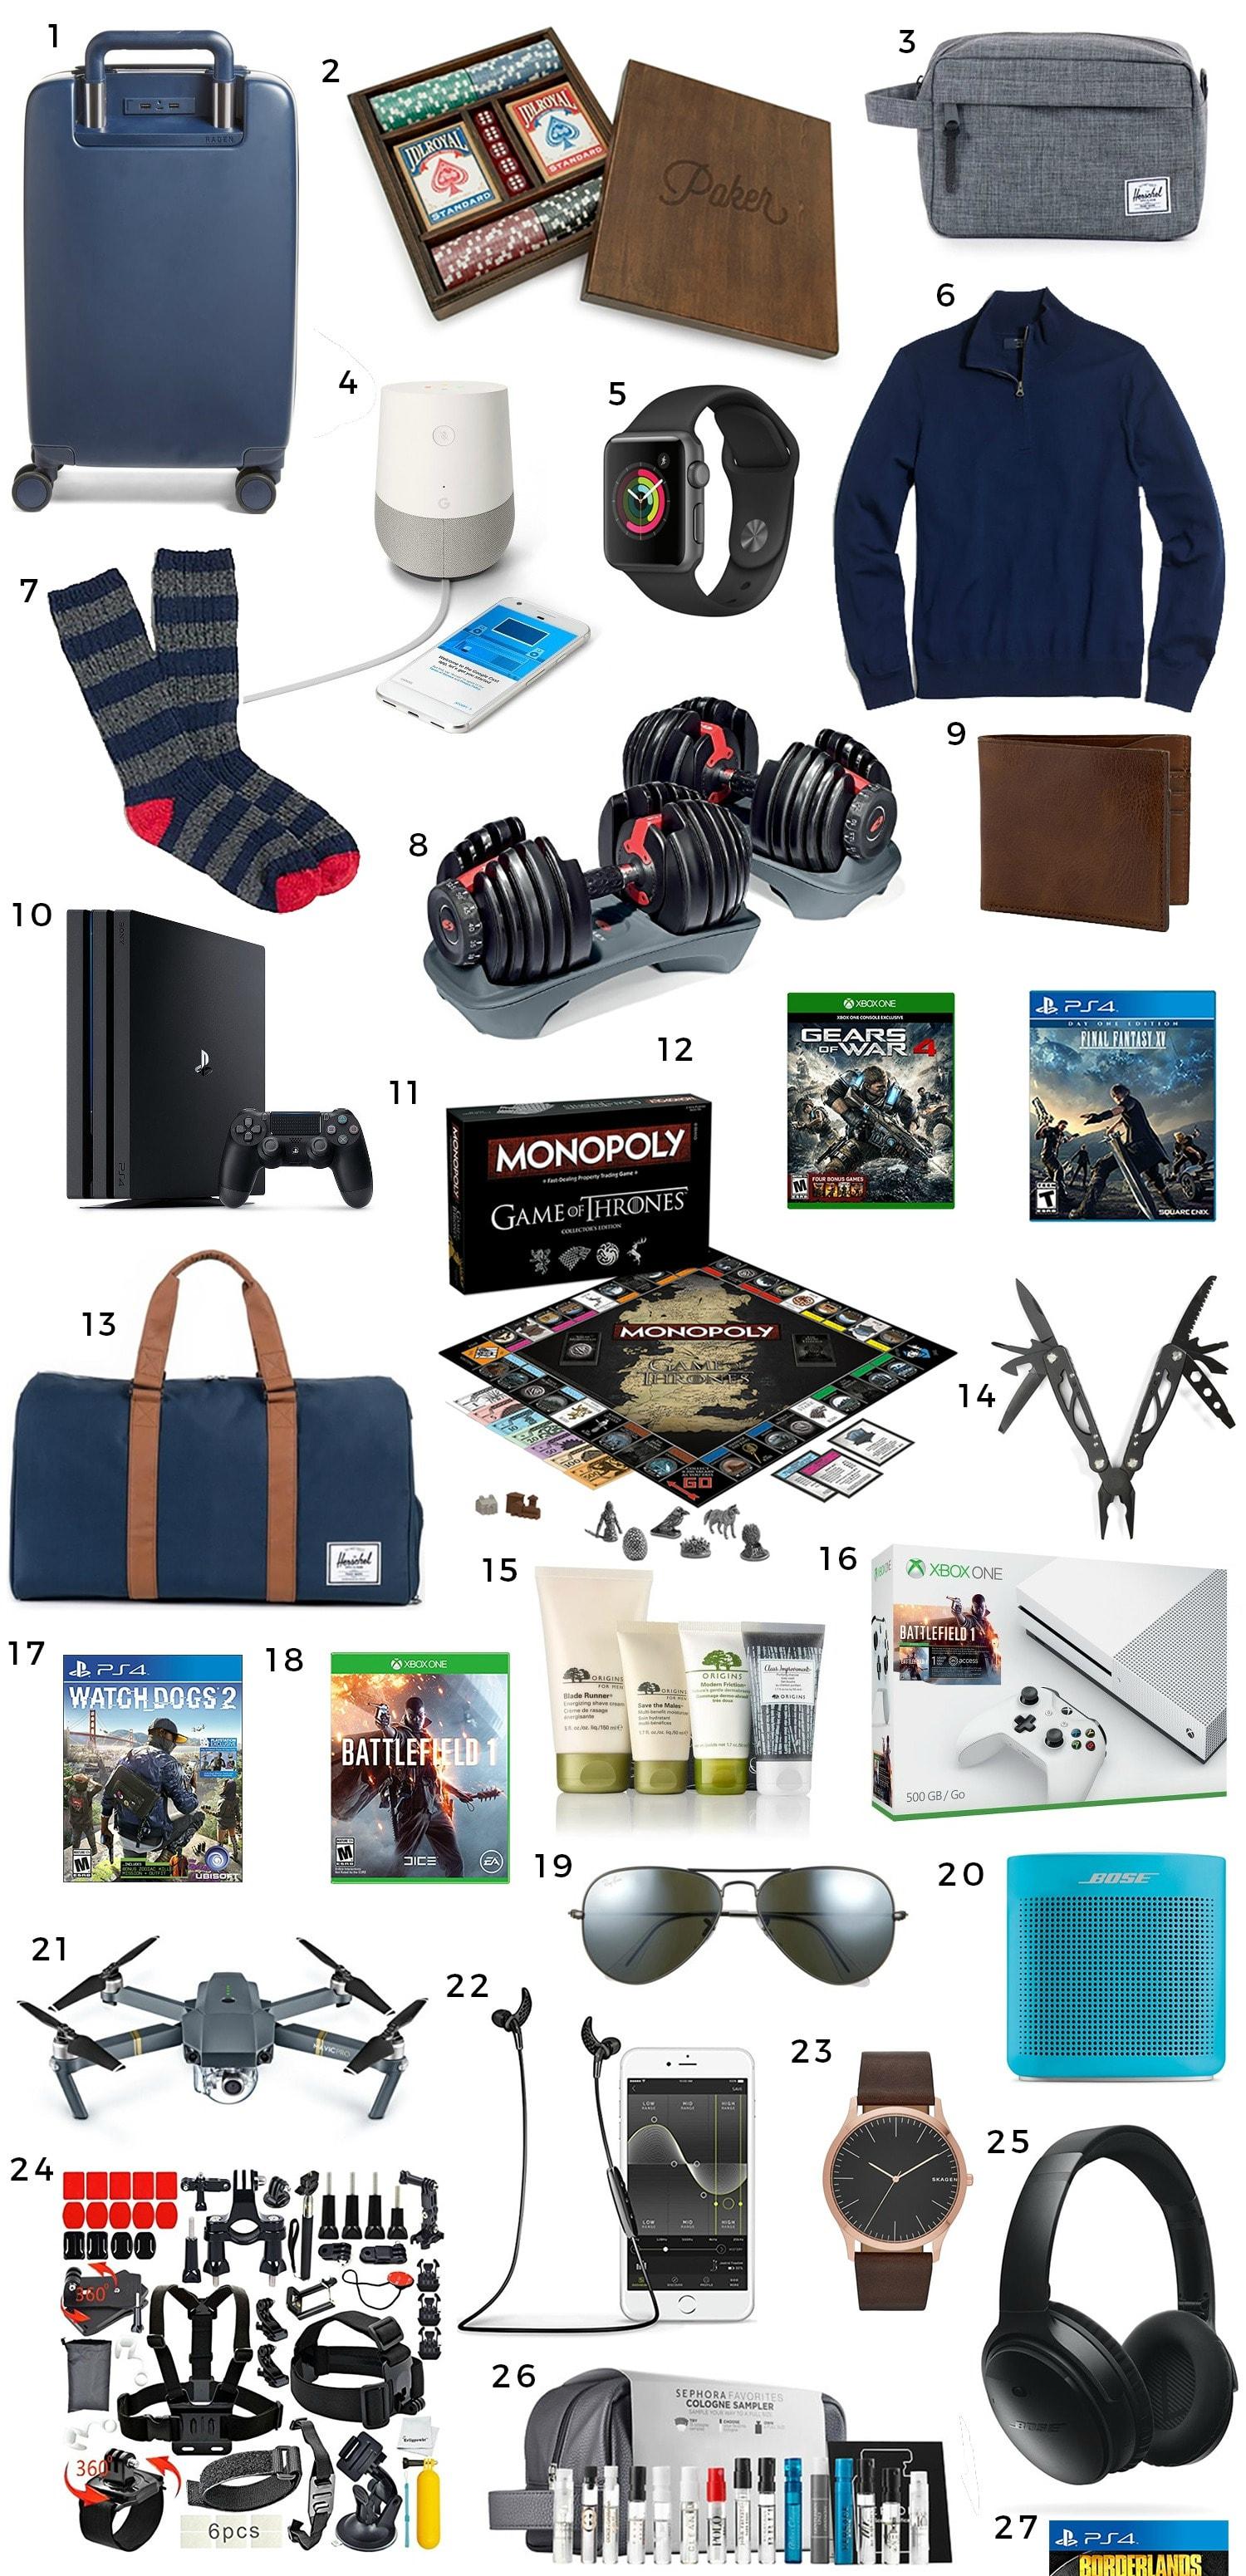 Gift For Christmas: The Best Christmas Gift Ideas For Men